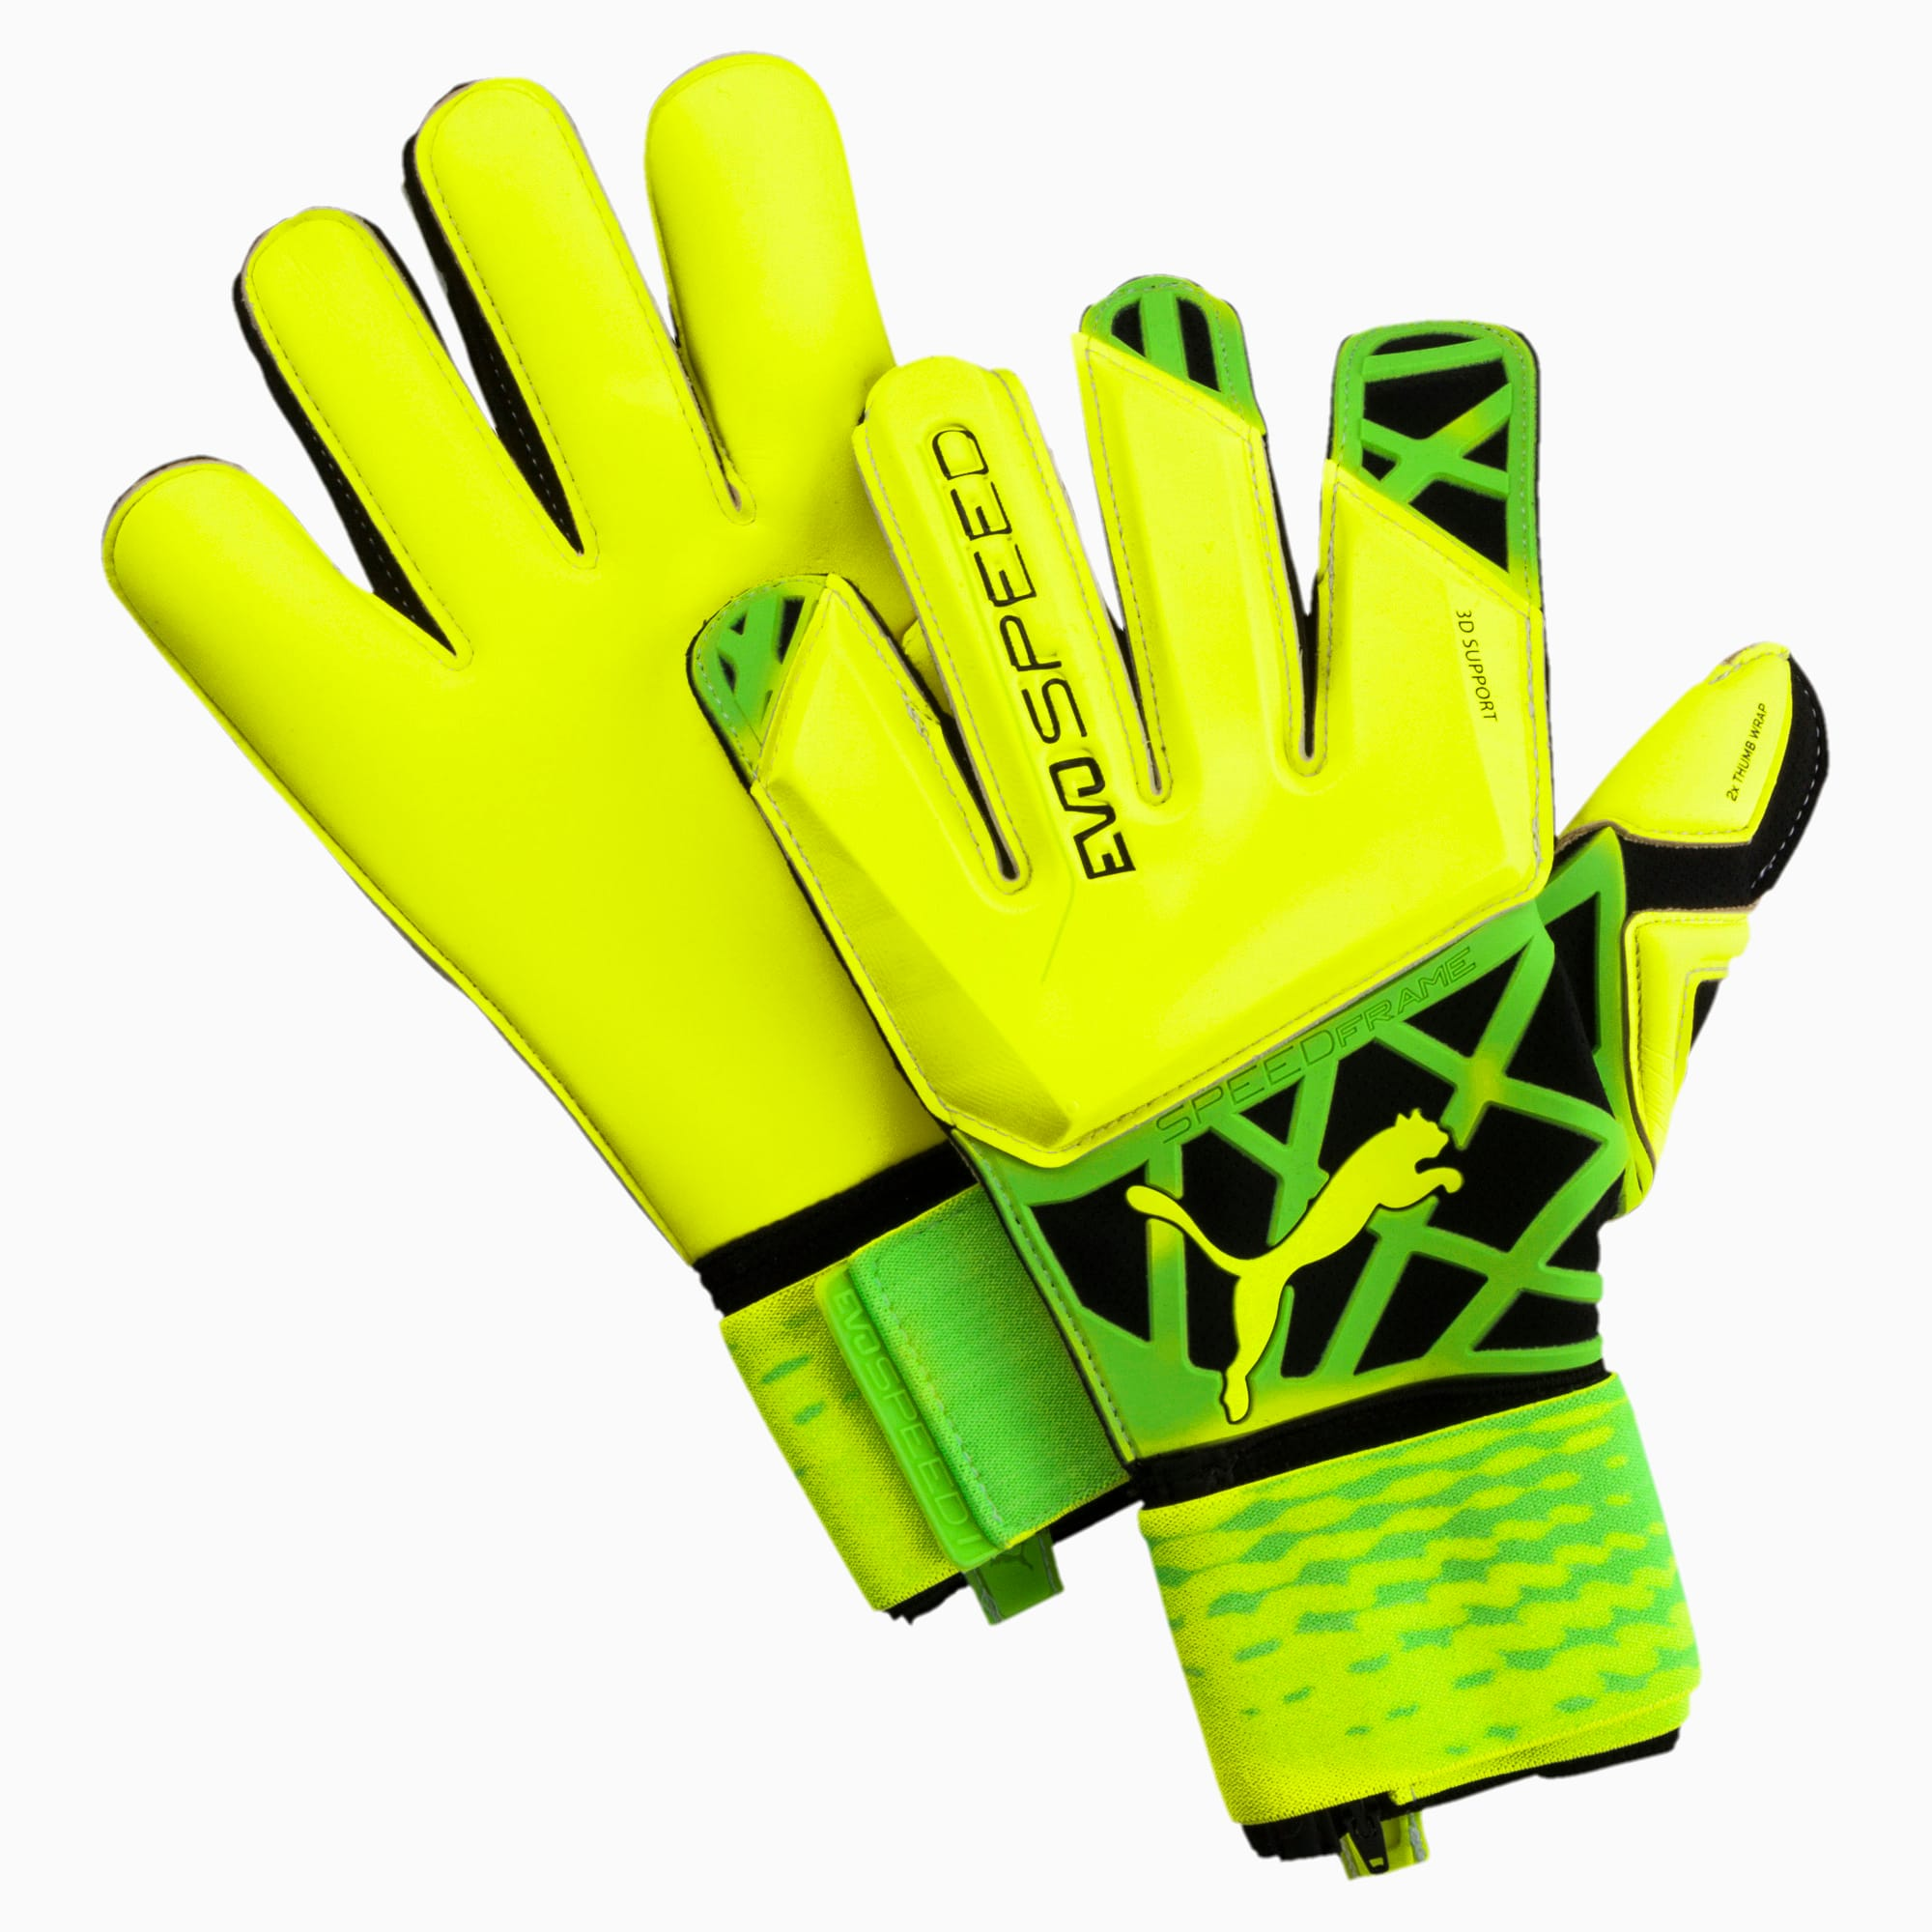 evoSPEED 1.5 Soccer Goalkeeper Gloves